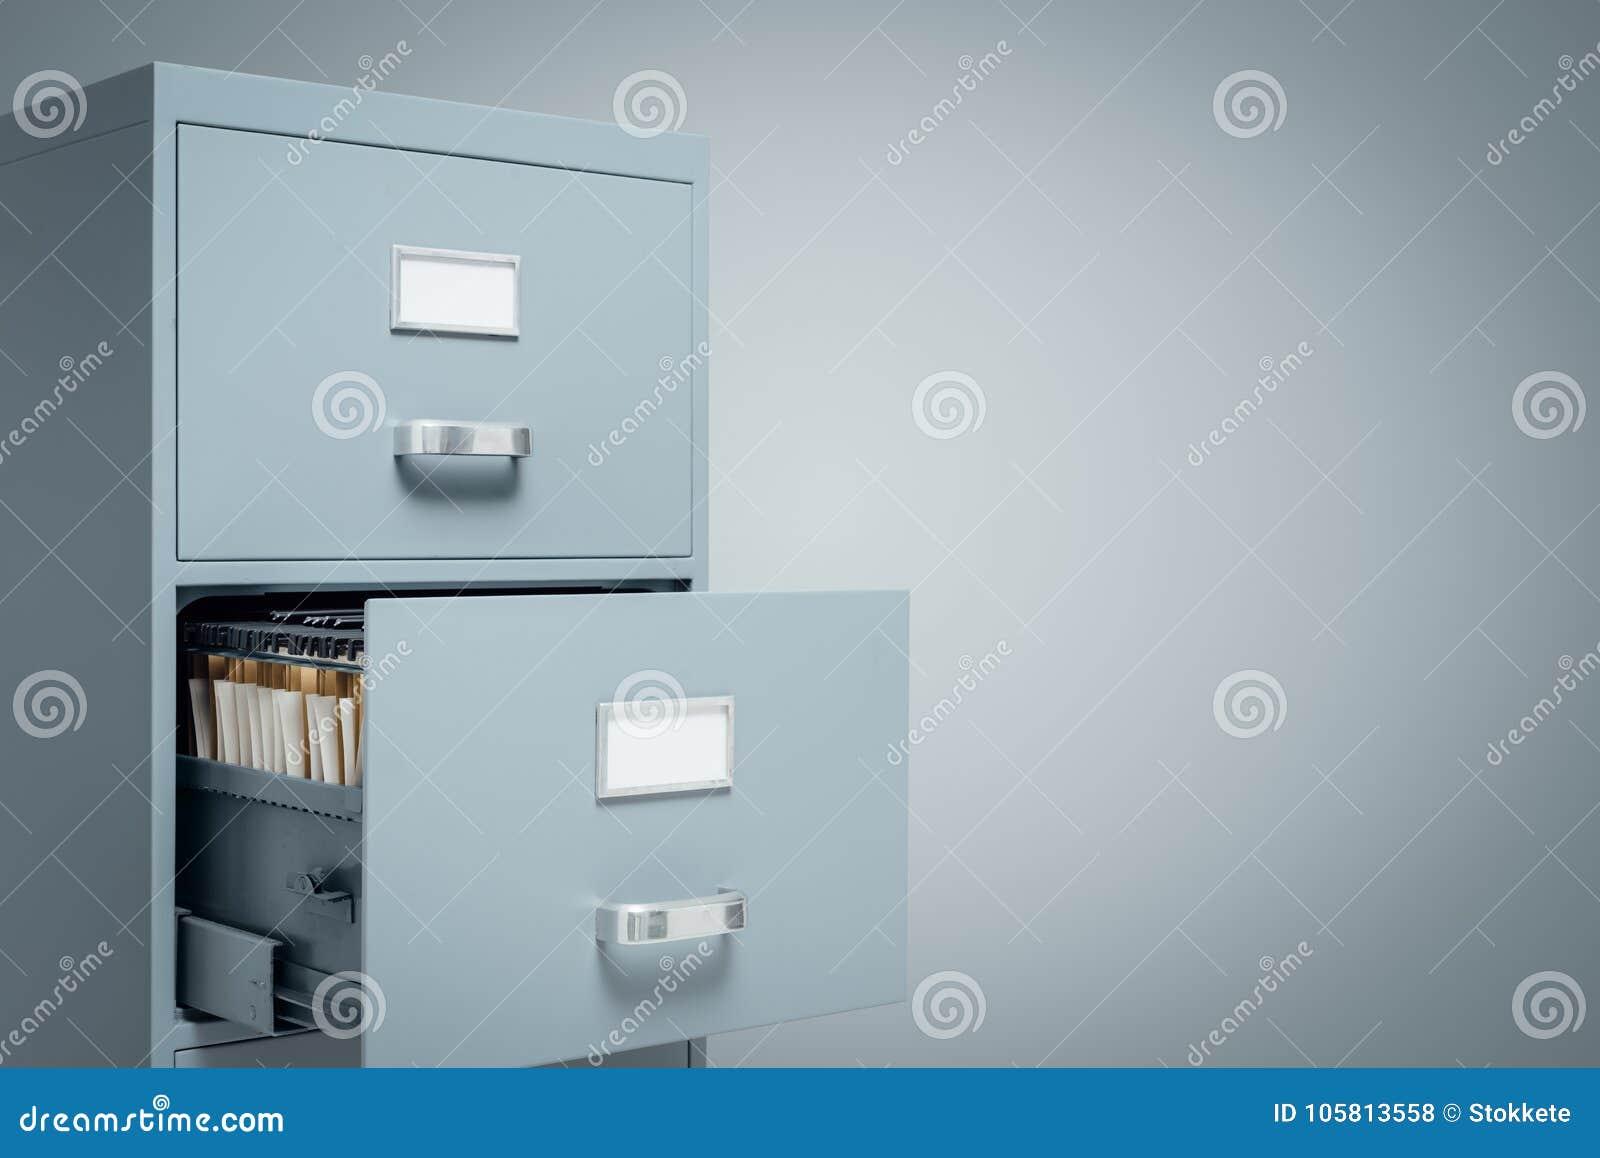 Almacenamiento De Los Cabinetes De Archivo Y De Datos